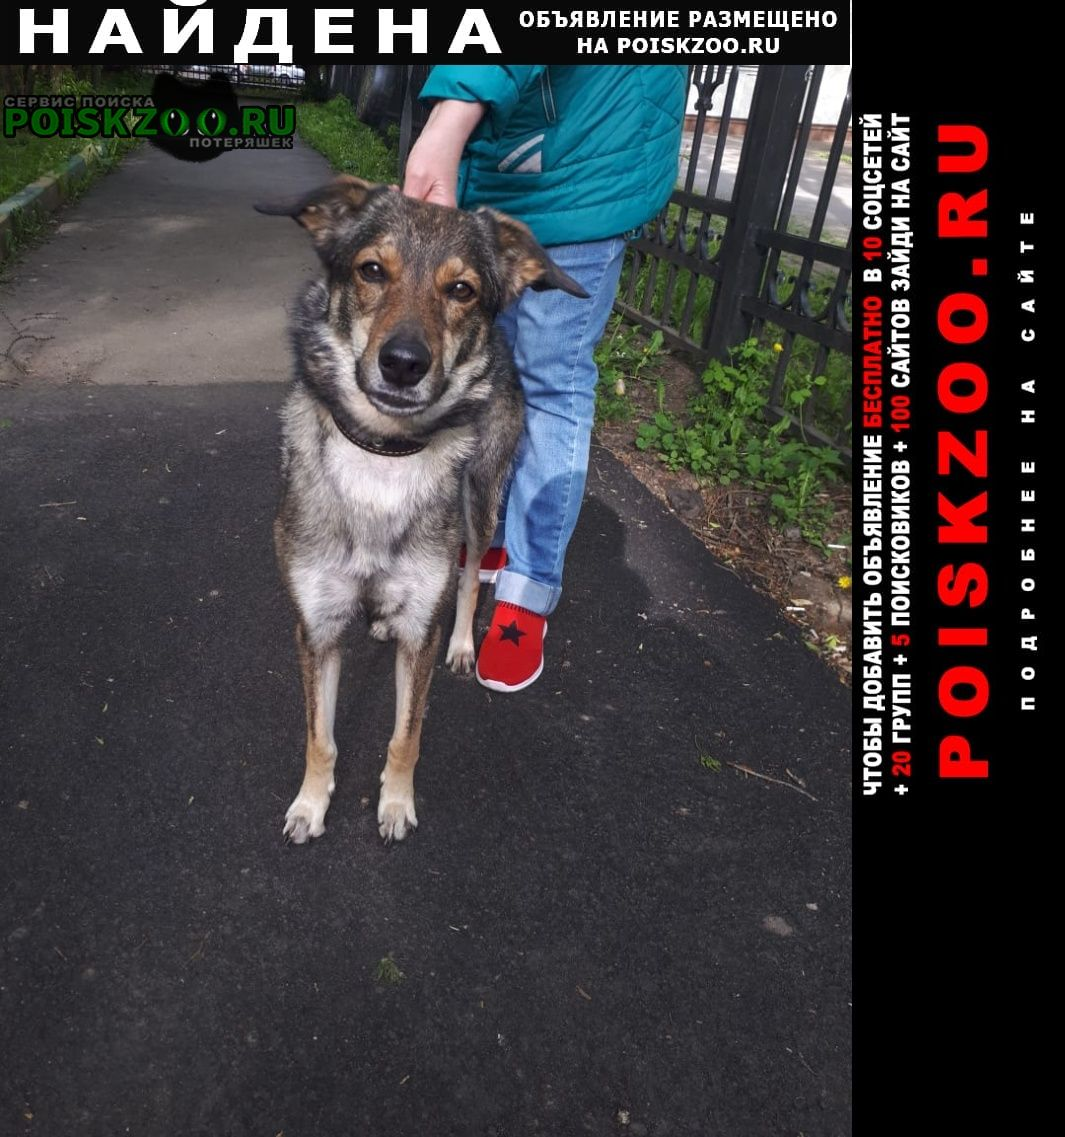 Найдена собака измайлово г.Москва